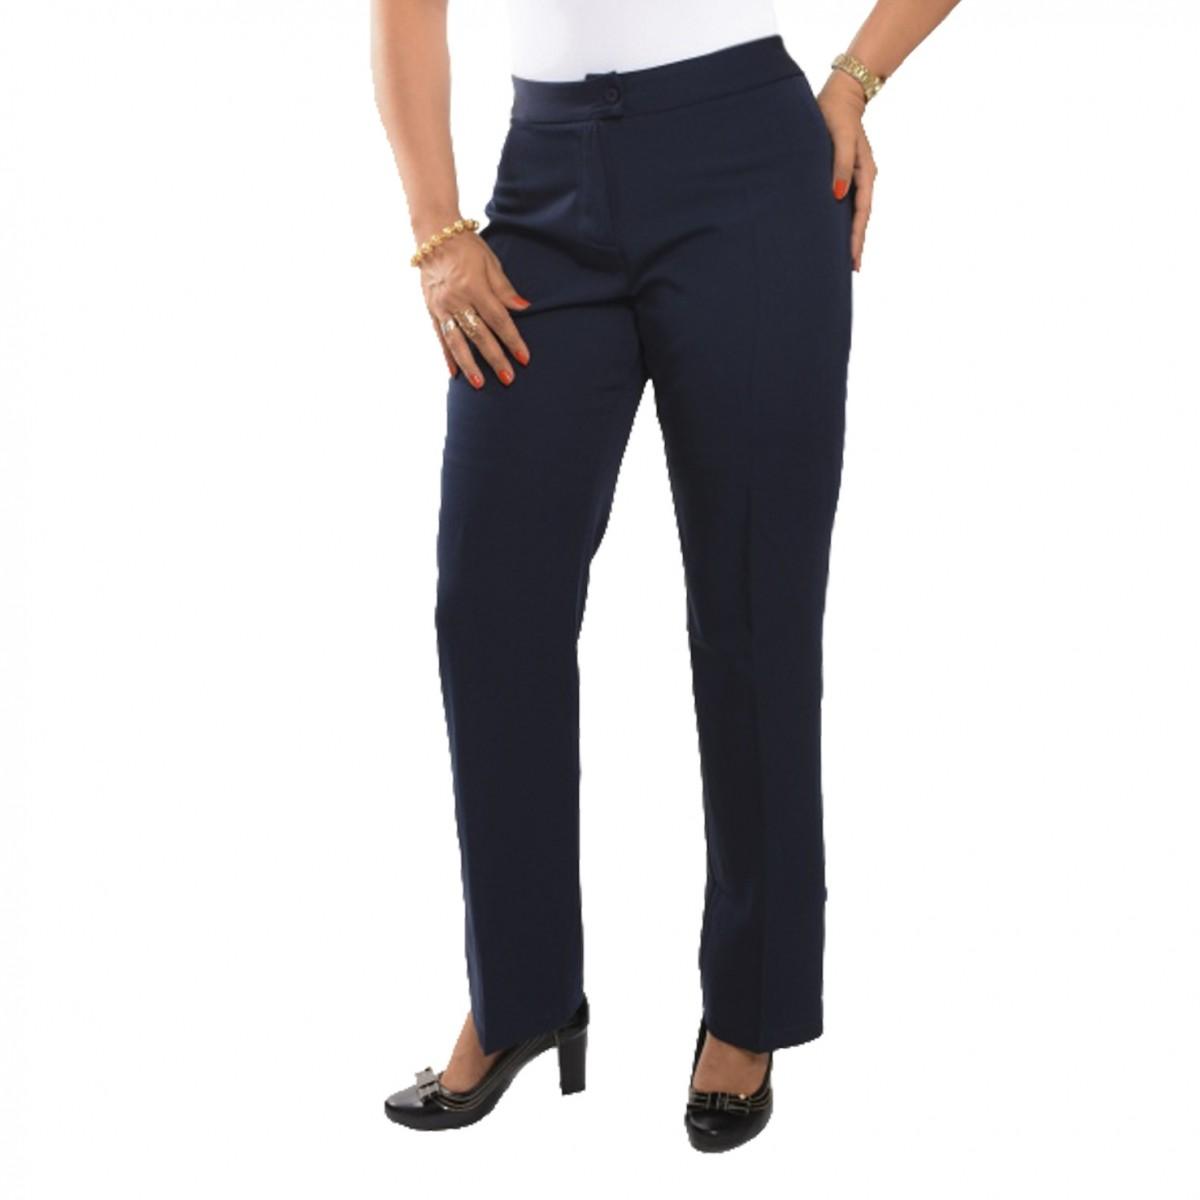 Calça Social Feminina Longa - Azul Marinho